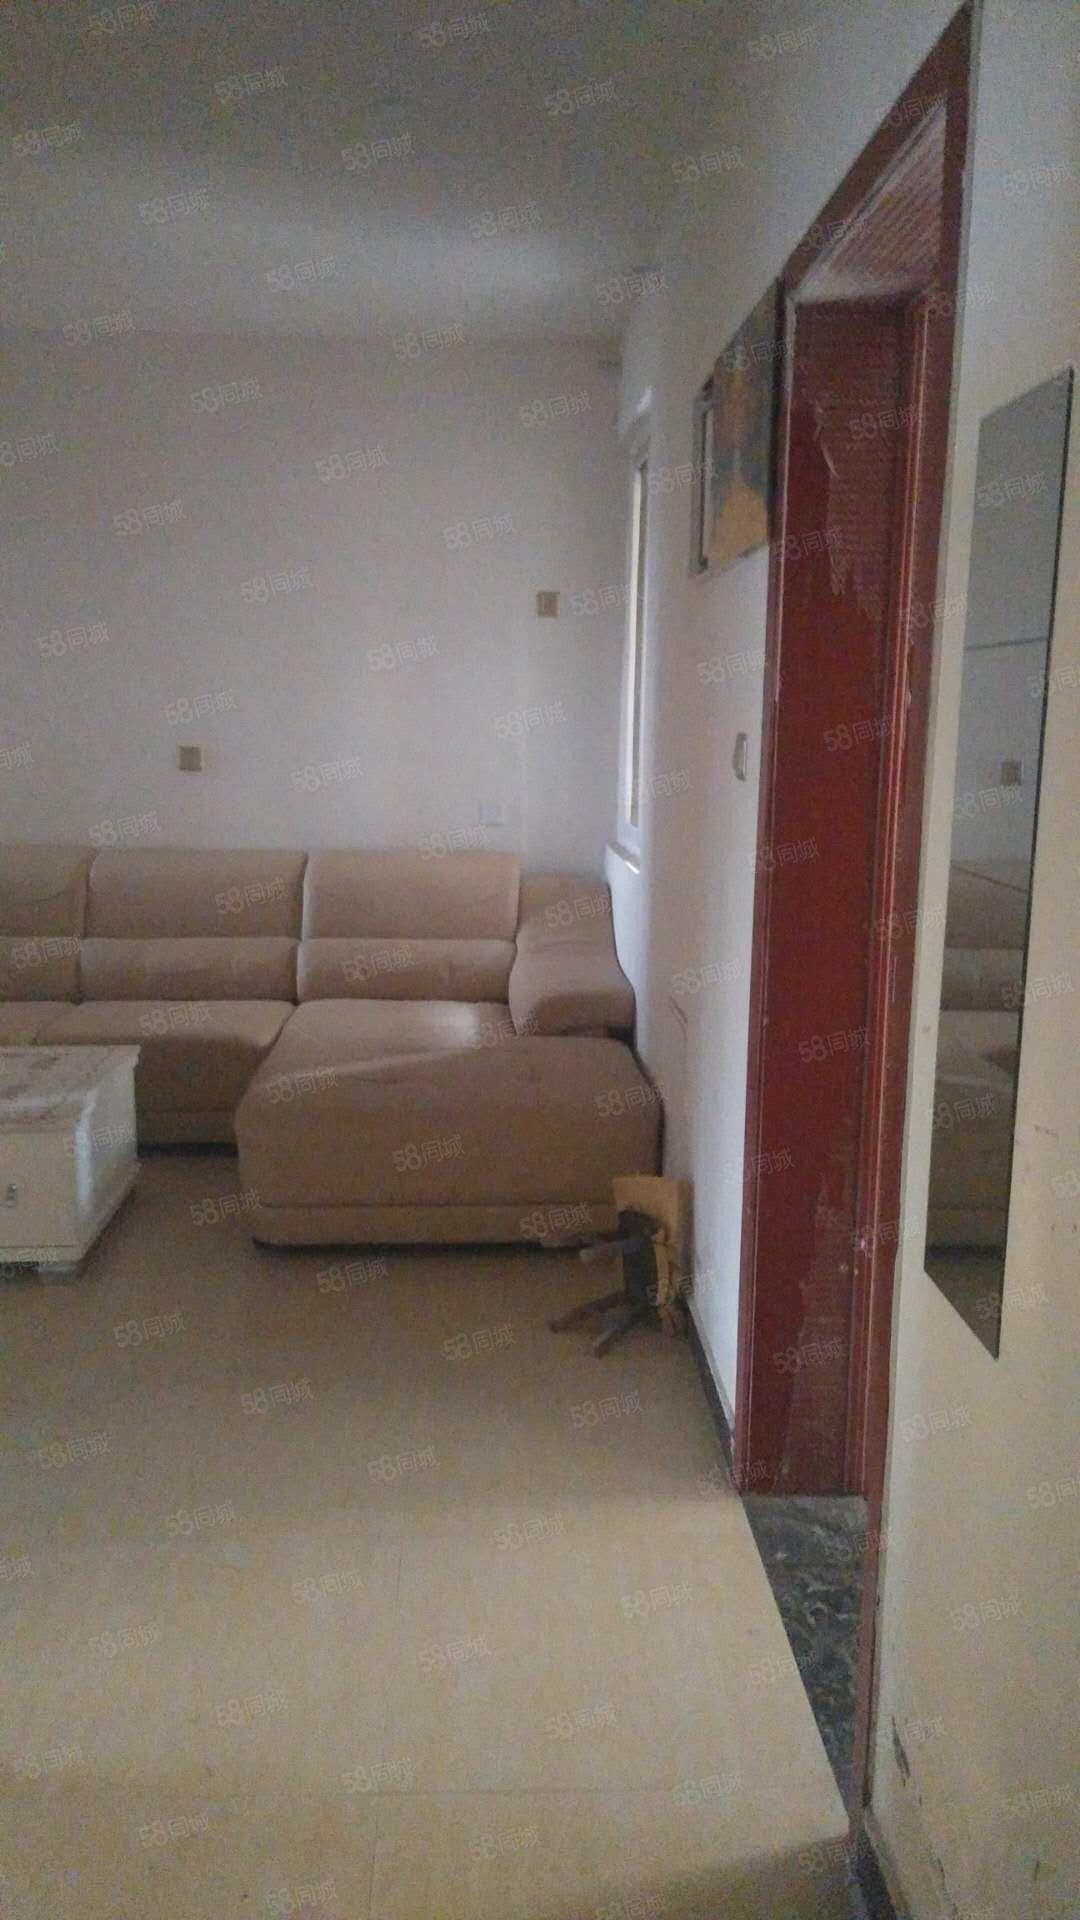 恩平湖地铁口陡沟小区一室一厅,家电齐全,月租1000元,